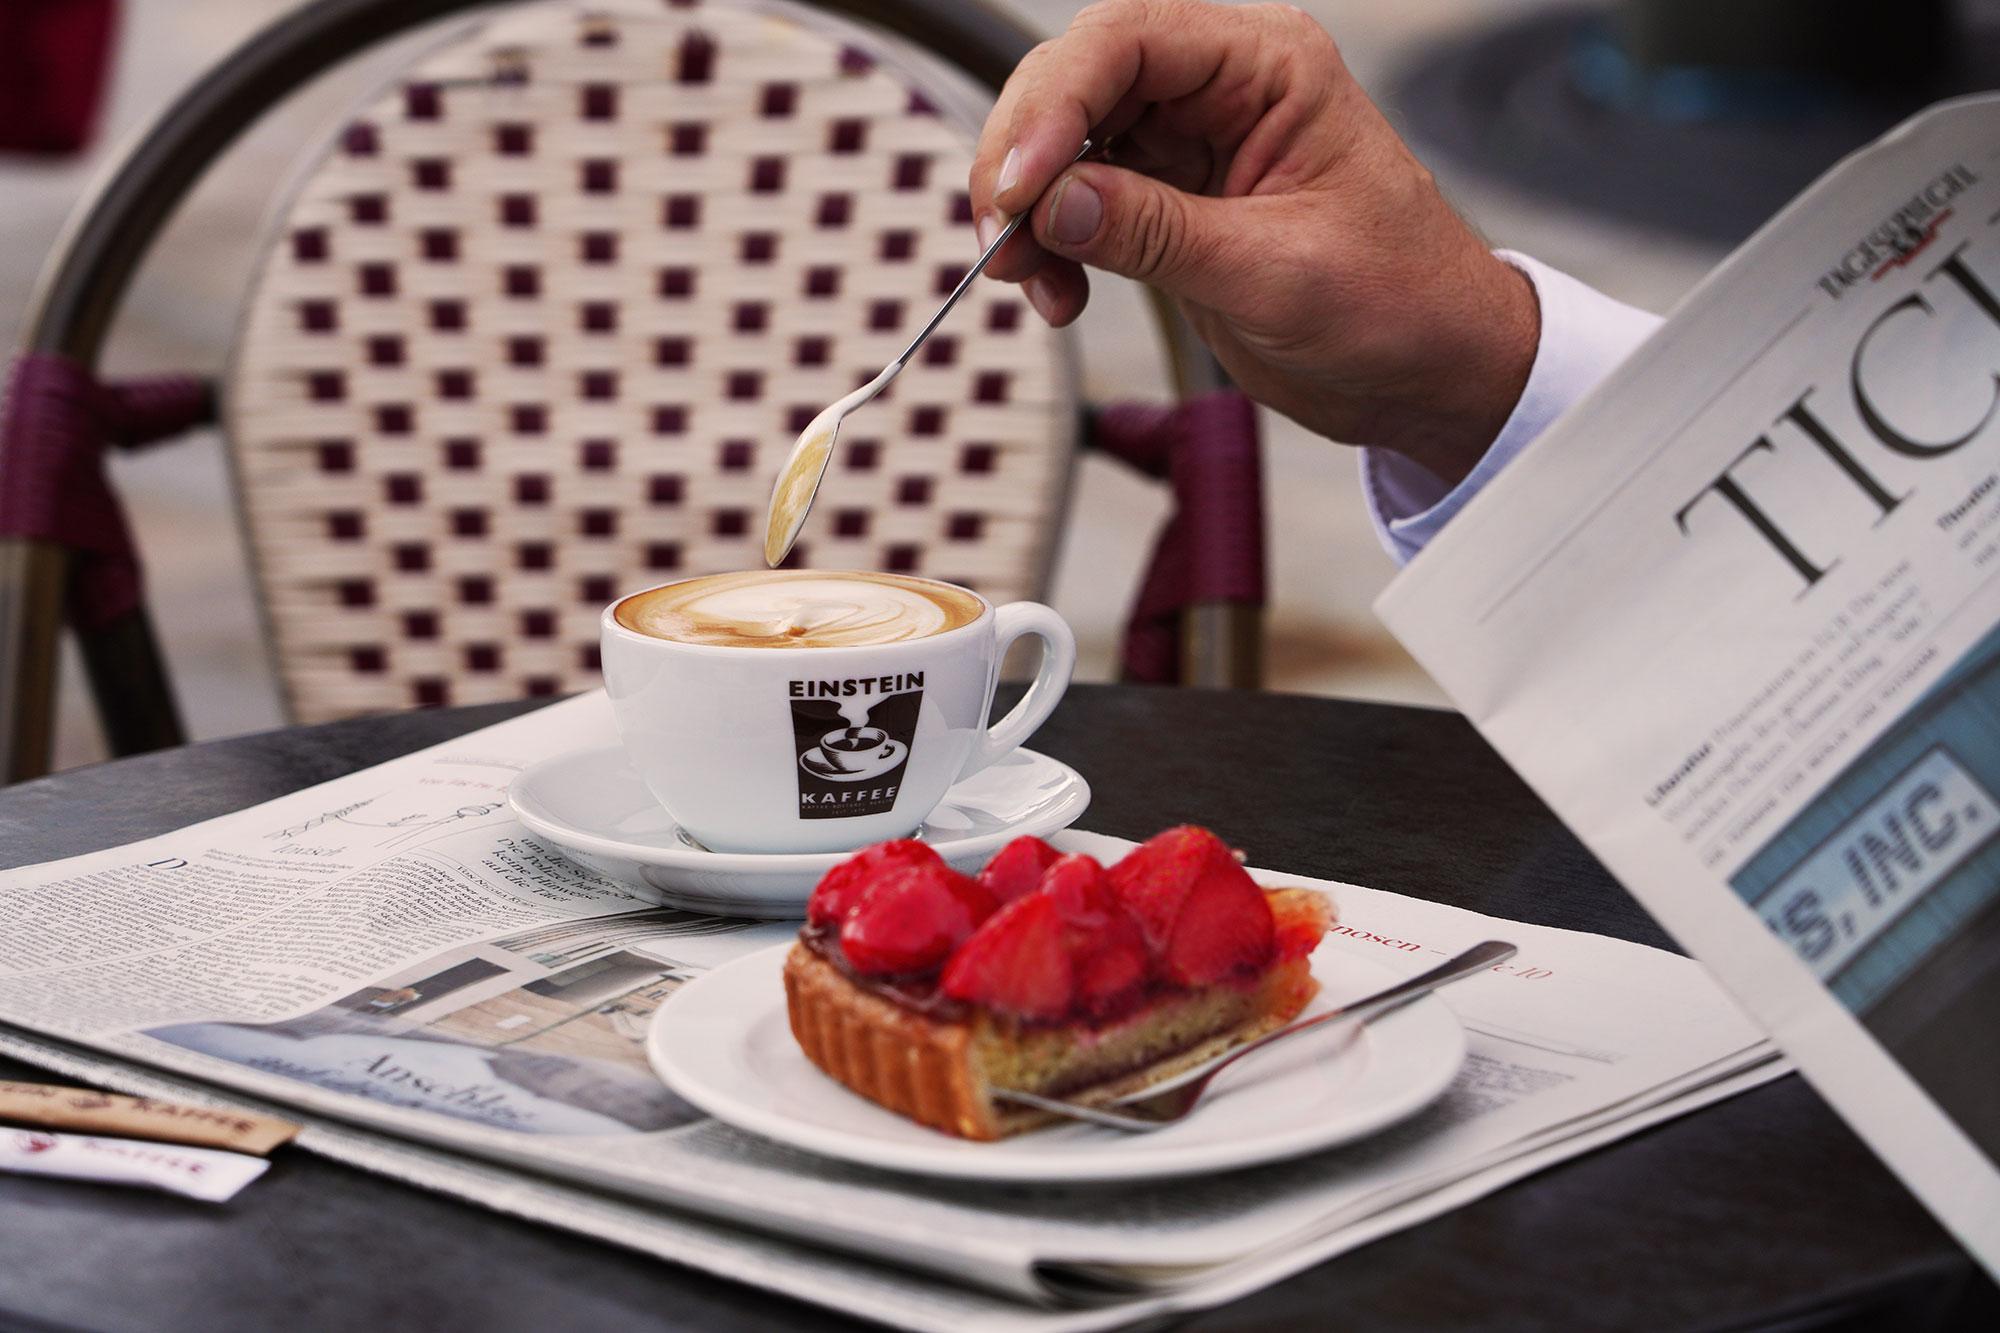 Frischer Erdbeerkuchen und Cappuccino von EINSTEIN KAFFEE